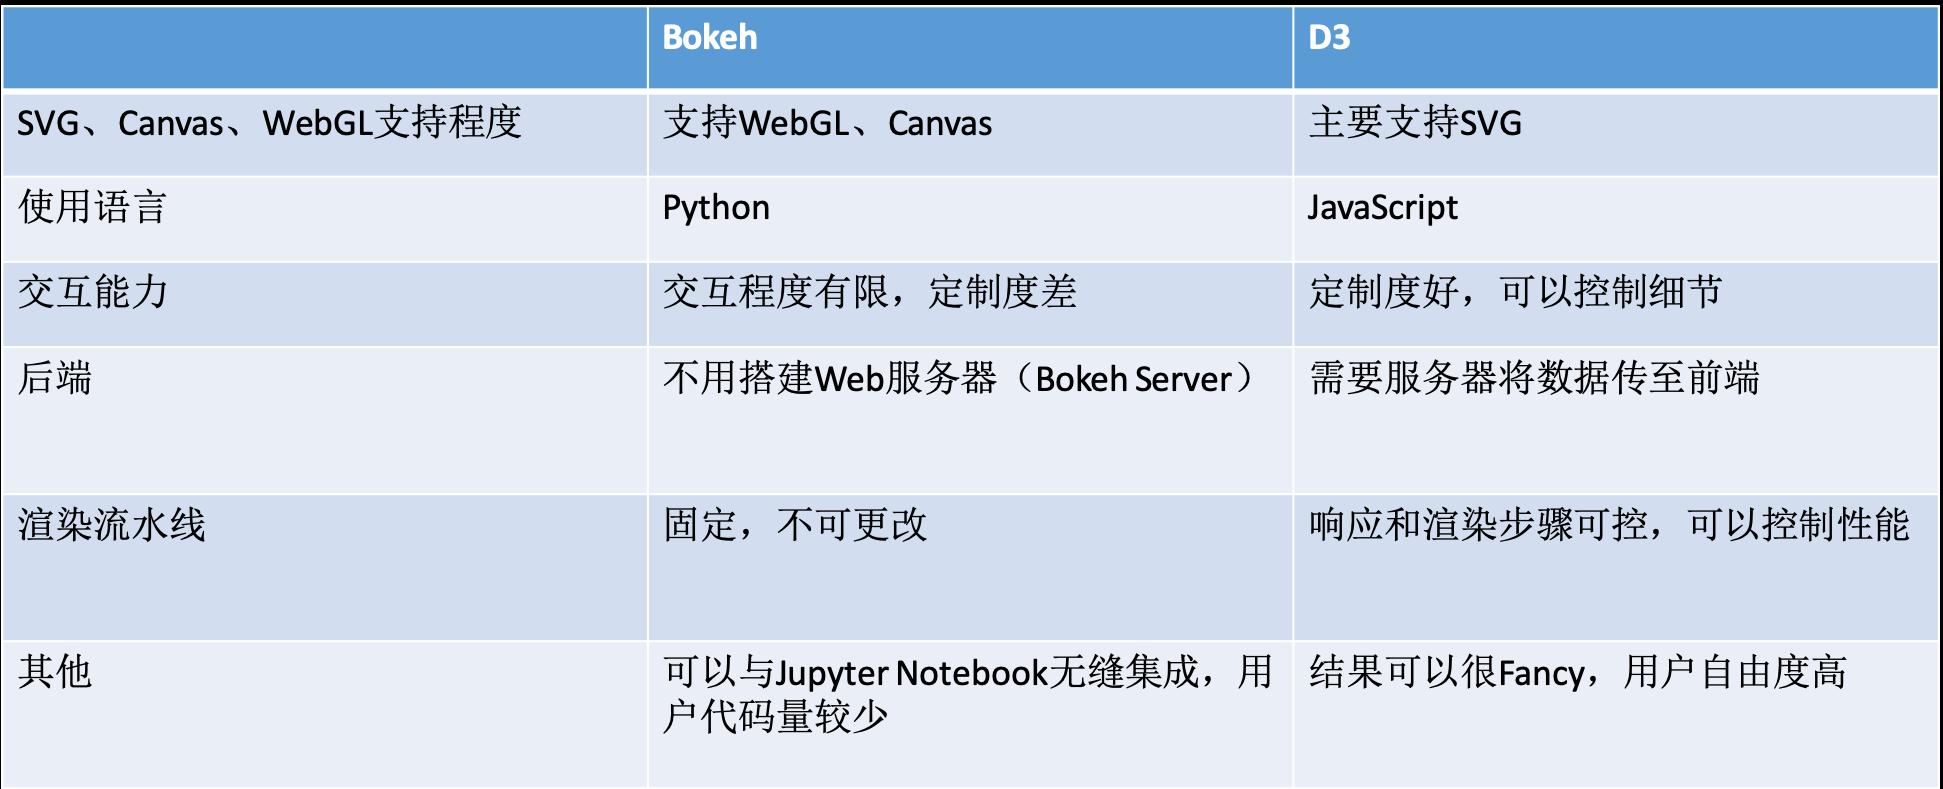 bokeh_vs_D3